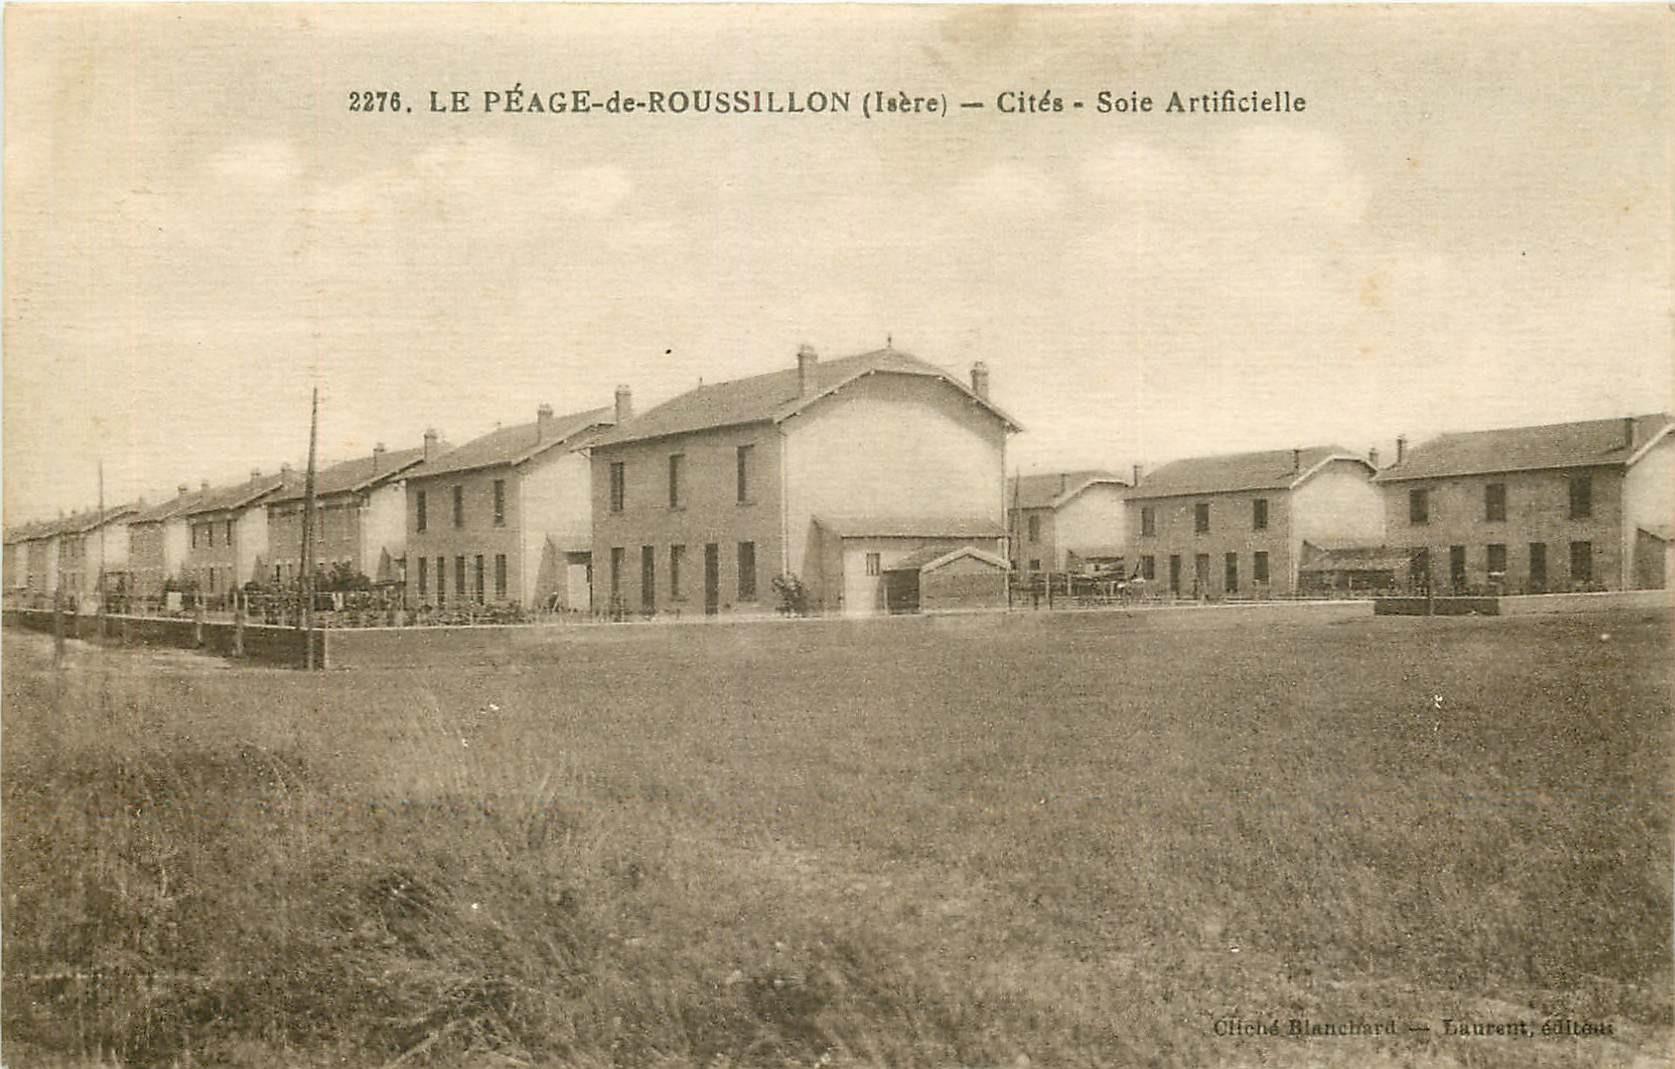 38 LE PEAGE-DE-ROUSSILON. Cités Soie Artificielle